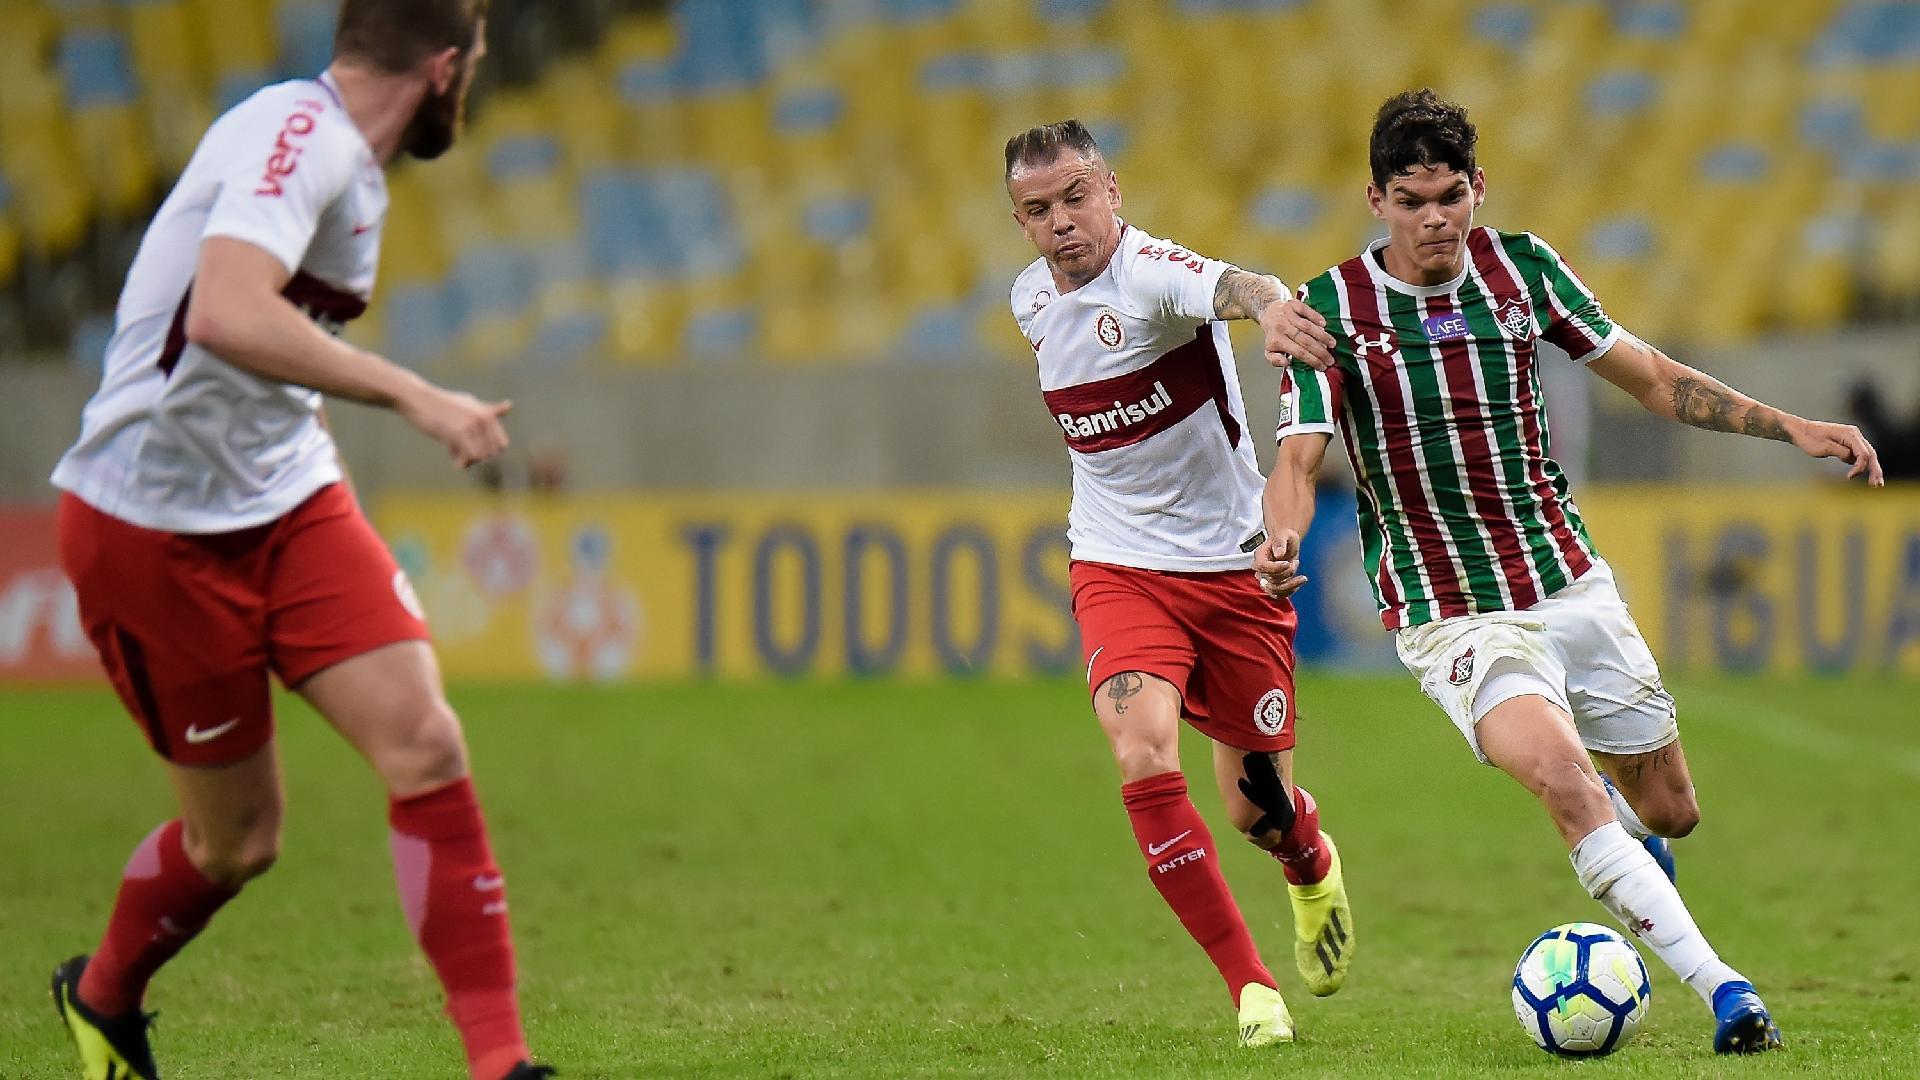 Ayrton Lucas e D'Alessandro disputam a bola no jogo entre Fluminense e Internacional